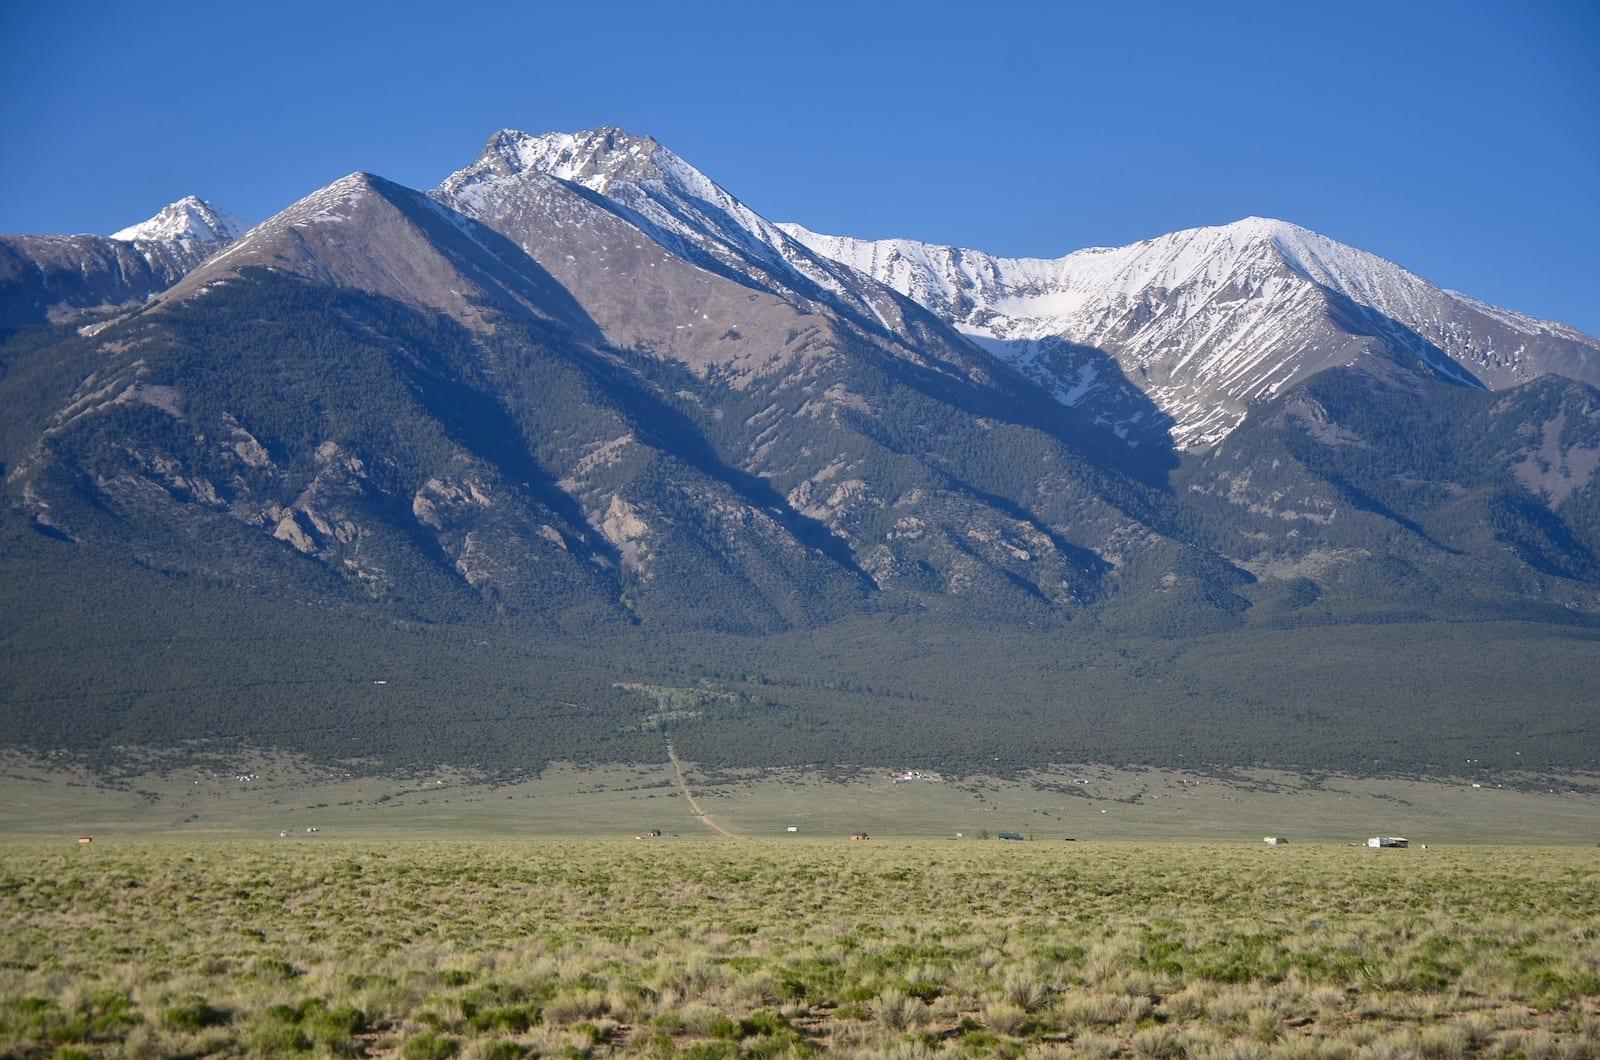 Blanca Peak Sangre de Cristo Mountains Colorado